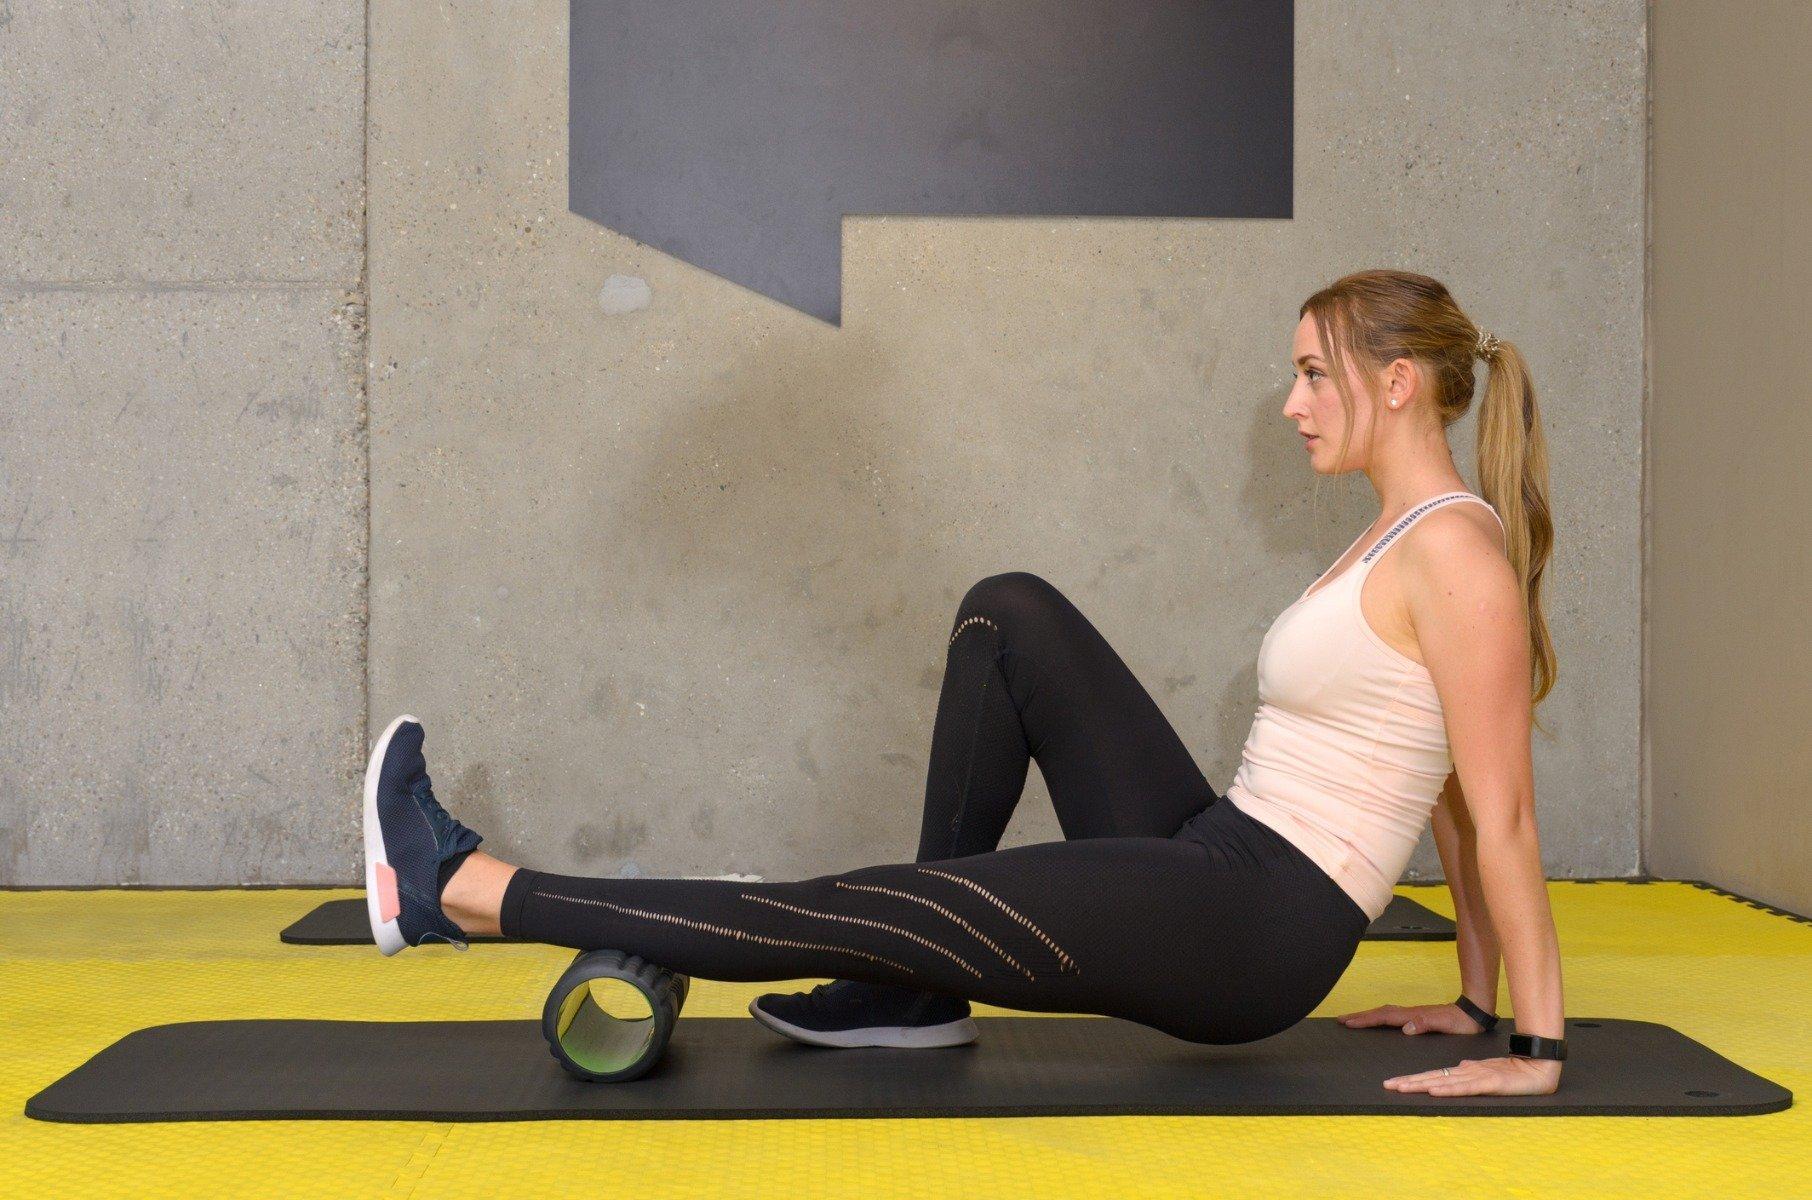 térd osteoporosis 2-3 fokos kezelés a bokaízület károsodása 2 fokkal